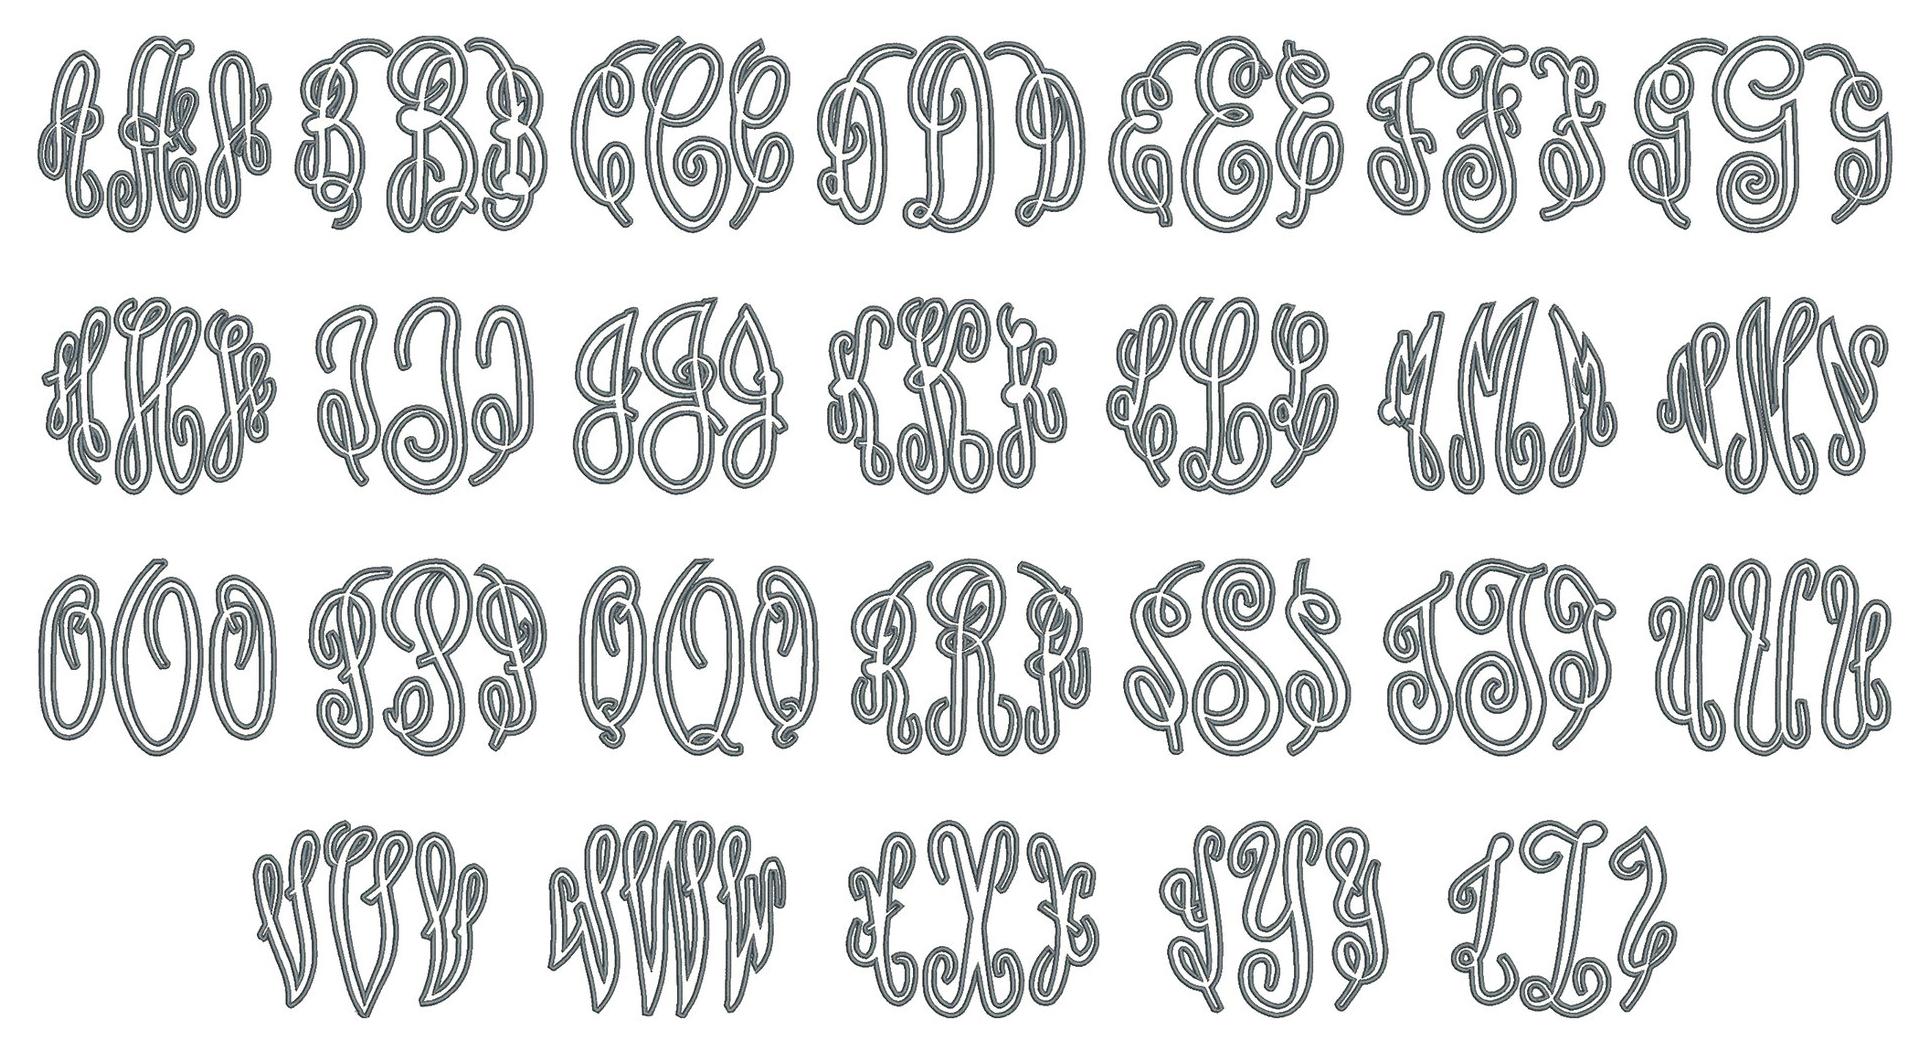 Grand Applique Font Board